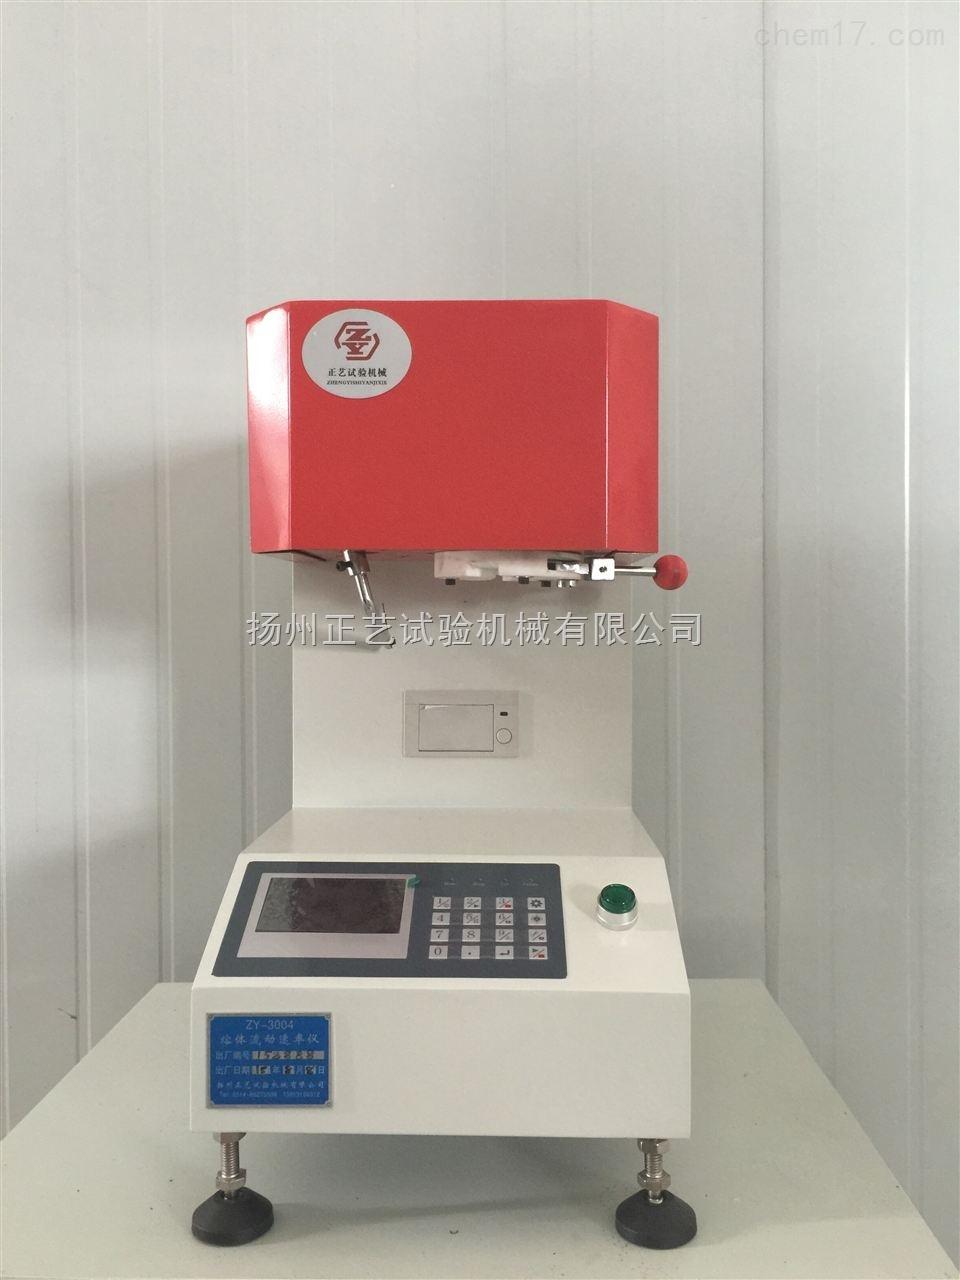 液晶屏带打印熔体流动速率仪